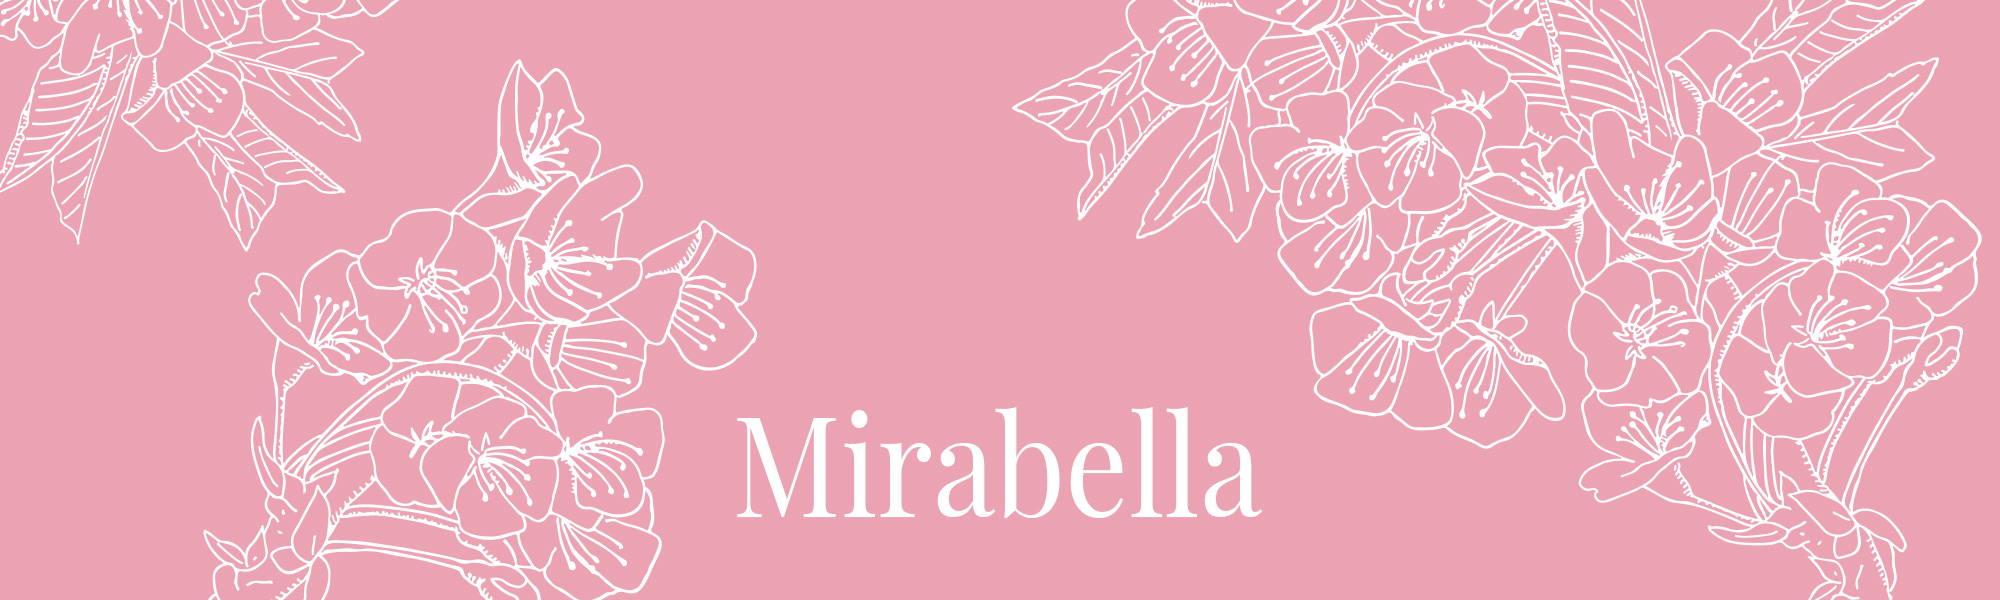 Image de la gamme Mirabella et de la collection Femme Dans un Jardin